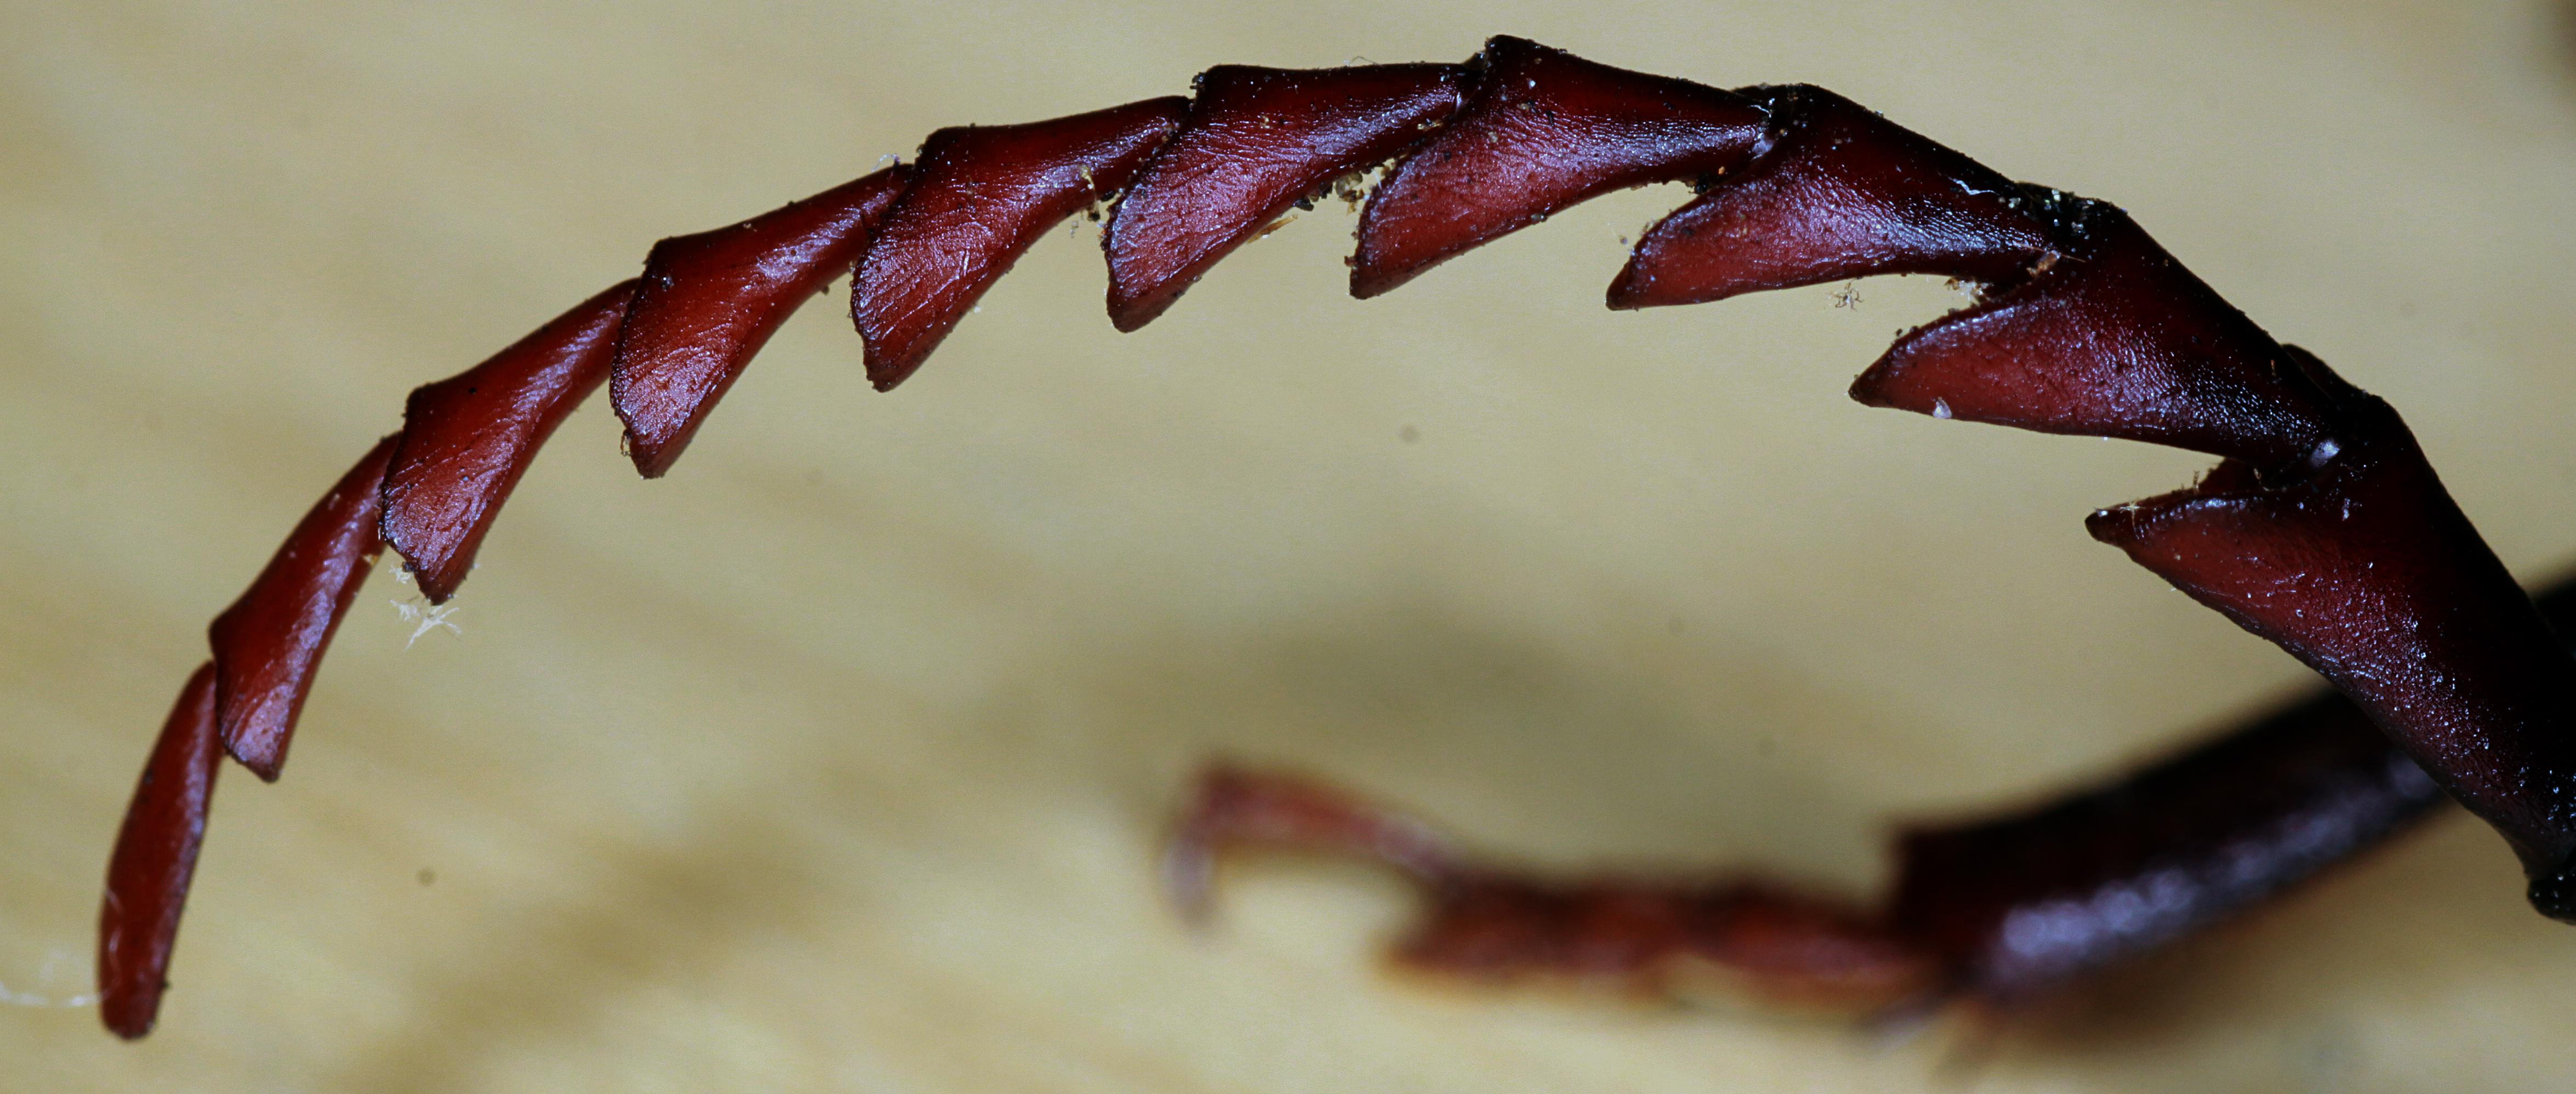 Image of California Root Borer